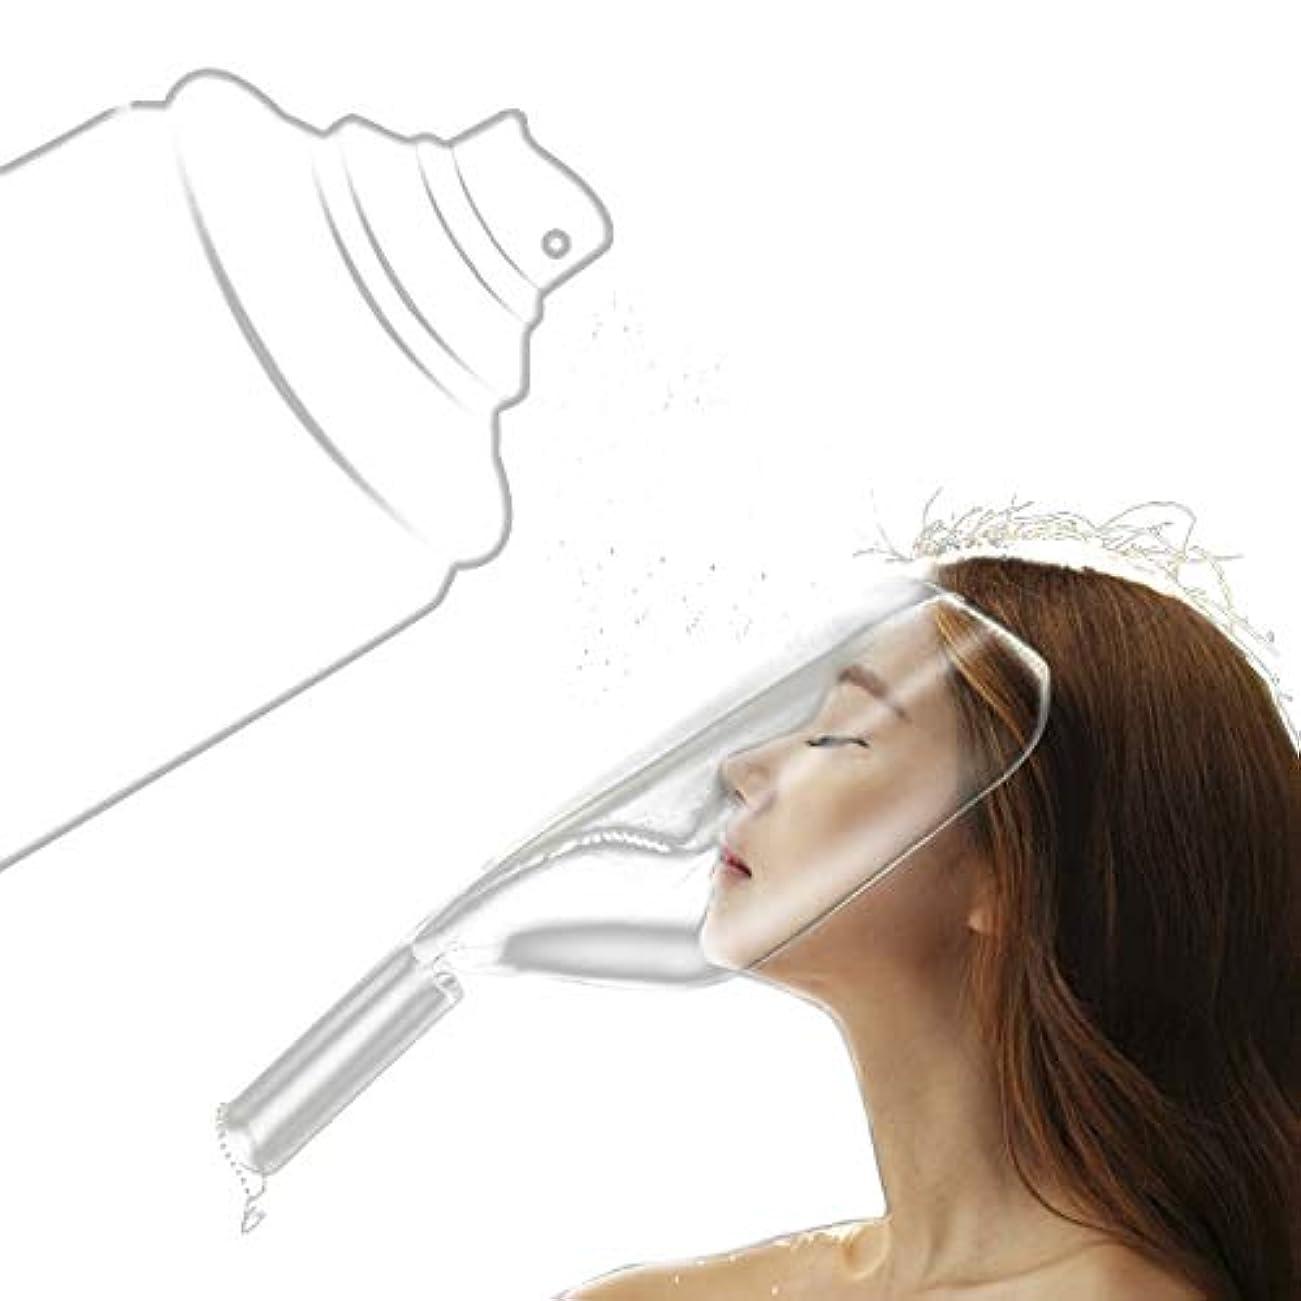 分析的はい検出ZHER-LU 散髪 フェイスカバー ヘアスプレーマスク フェイスガード スプレーシールド 美容院ヘアスプレーマスクシールド 理髪サロン 1ピース (ホワイト)